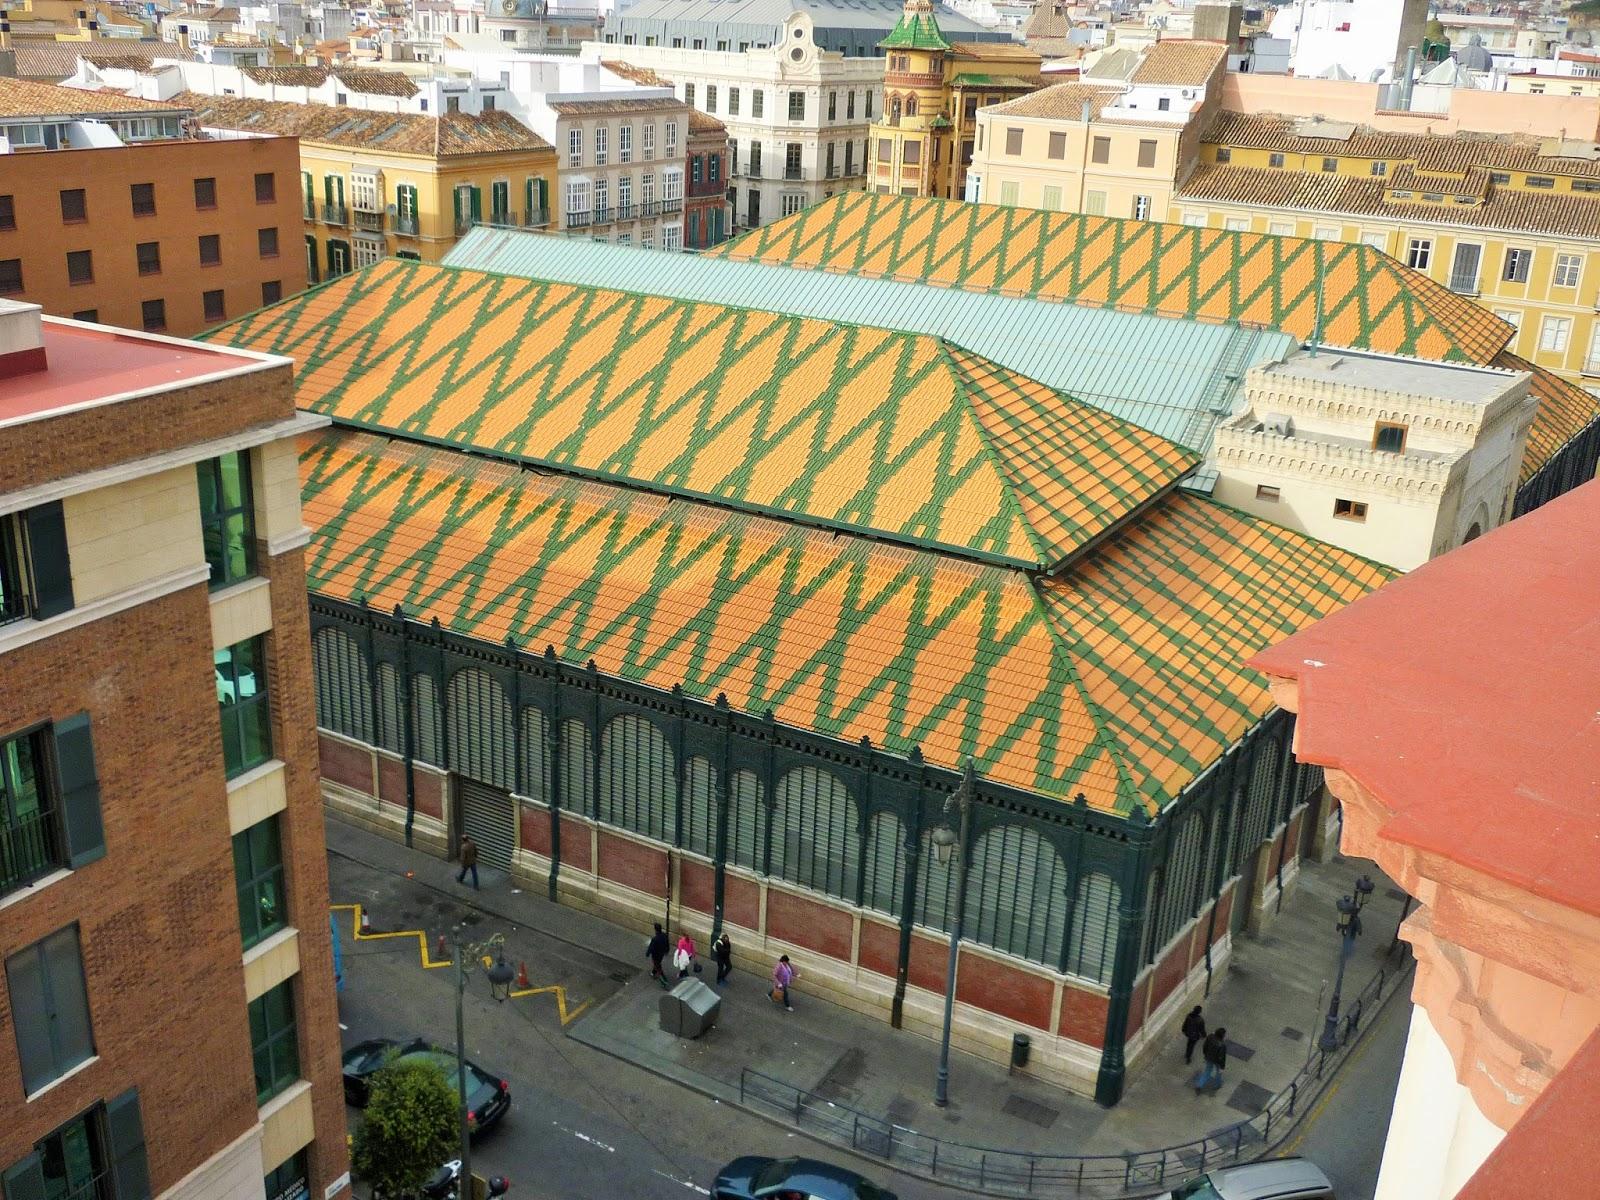 Malaga - Espagne - Marché -  Atarazanas